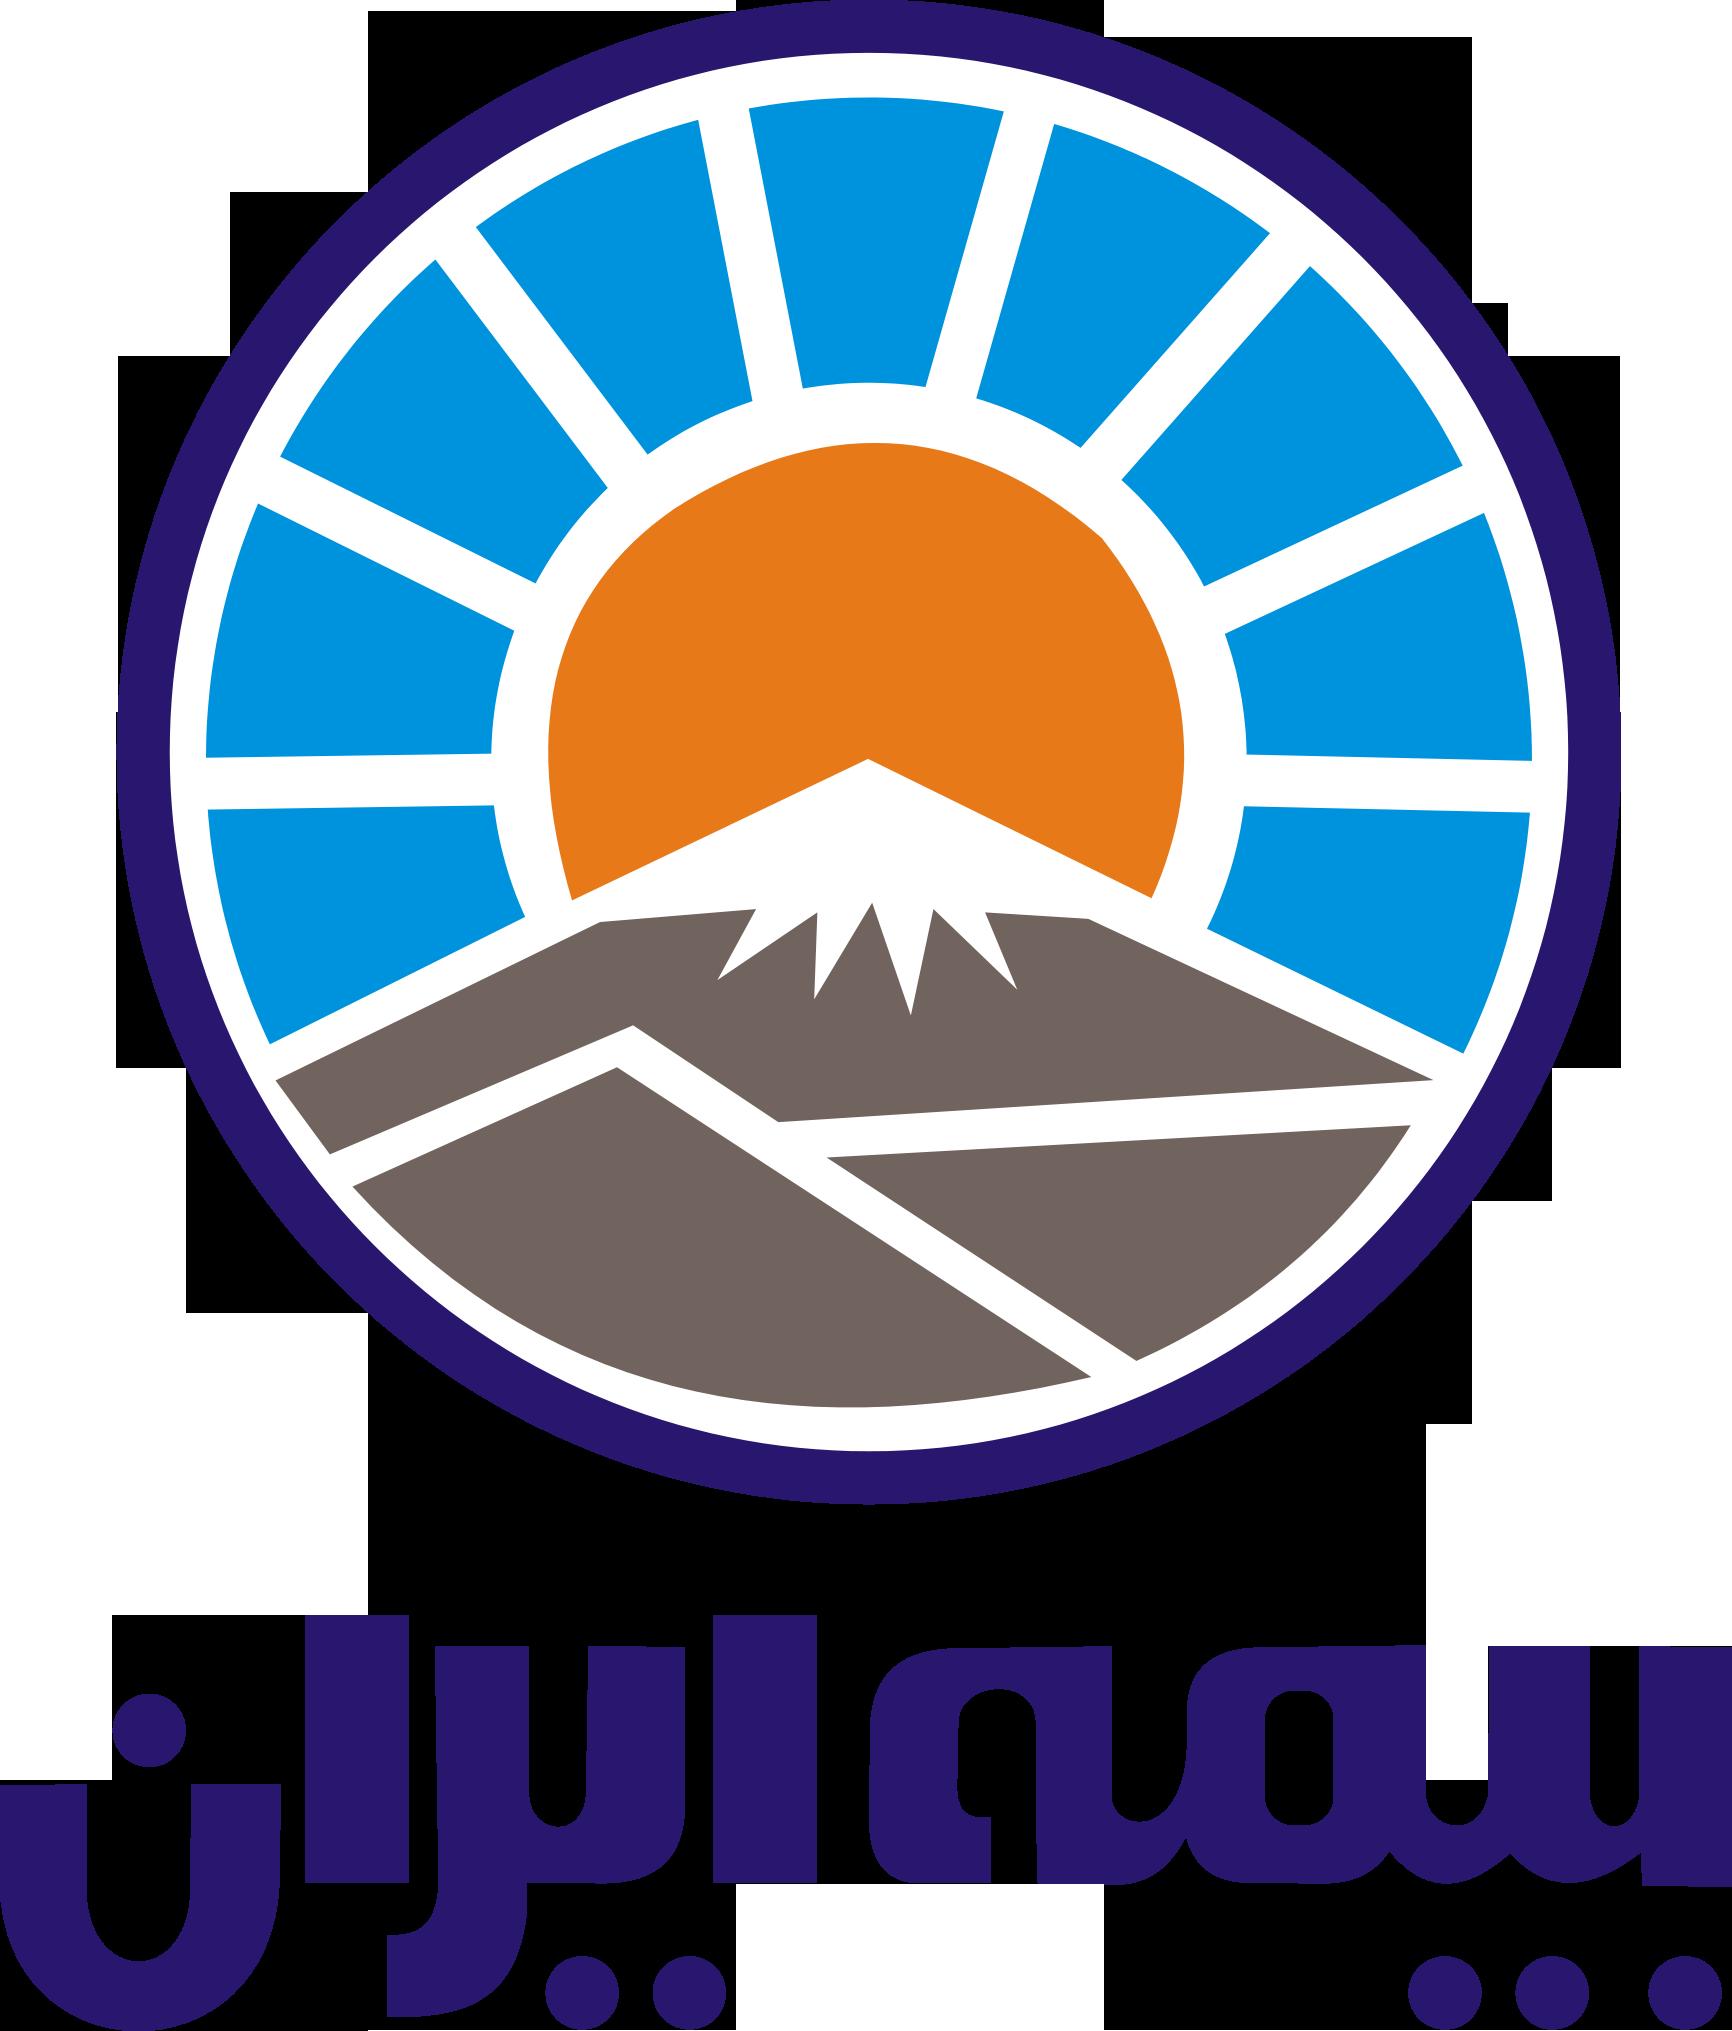 سوالات استخدامی شرکت سهامی بیمه ایران (اصل سوالات آزمون + پاسخ)